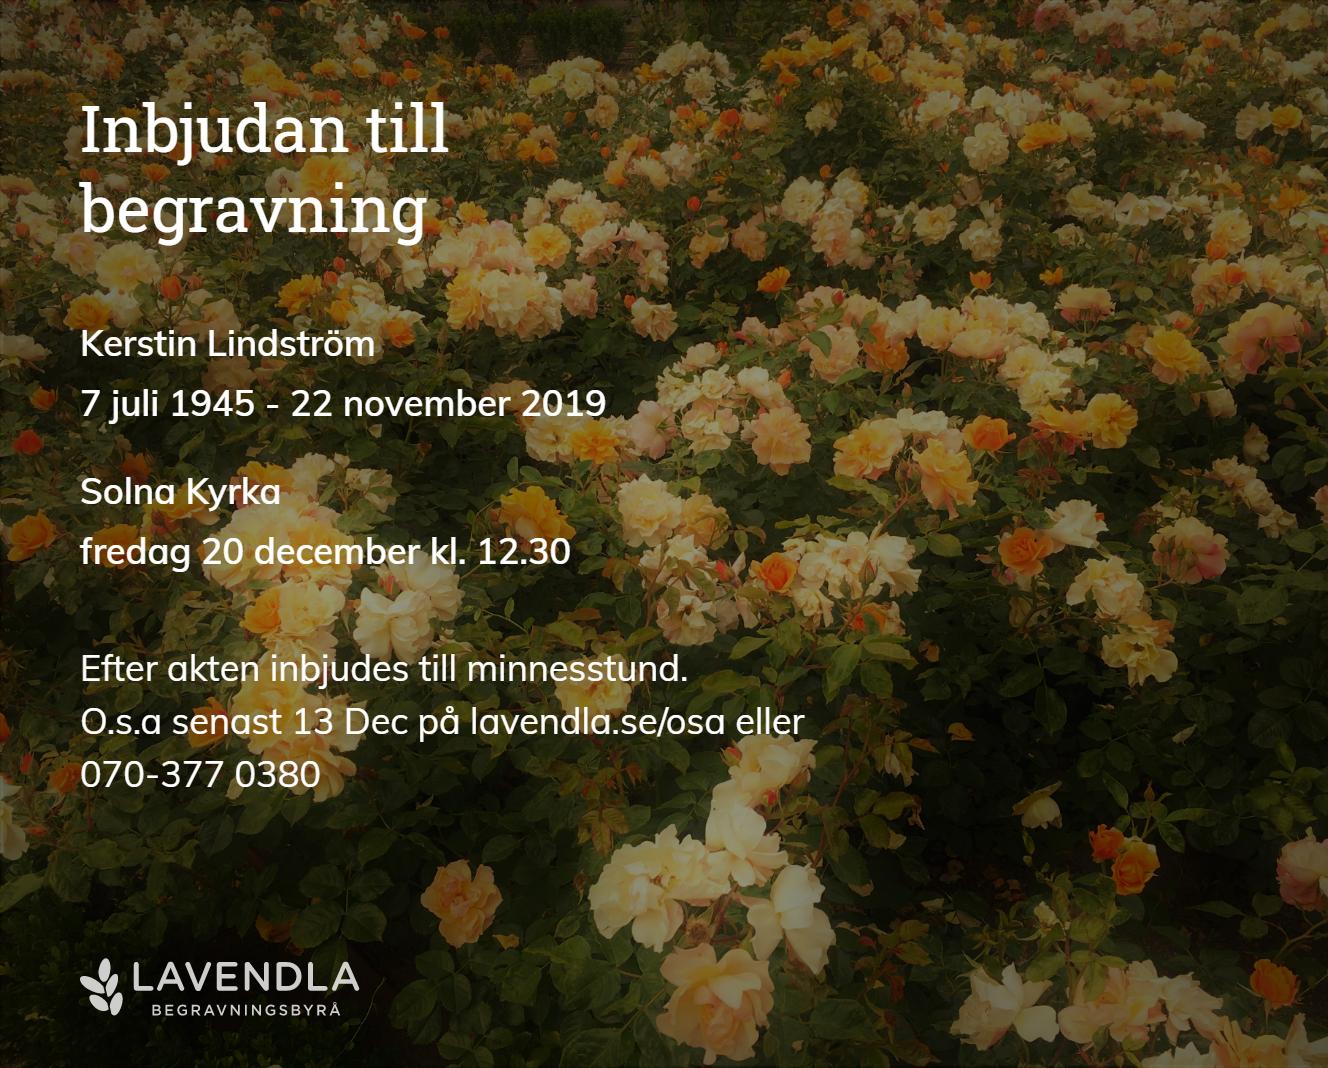 Inbjudningskort till ceremonin för Kerstin Lindström